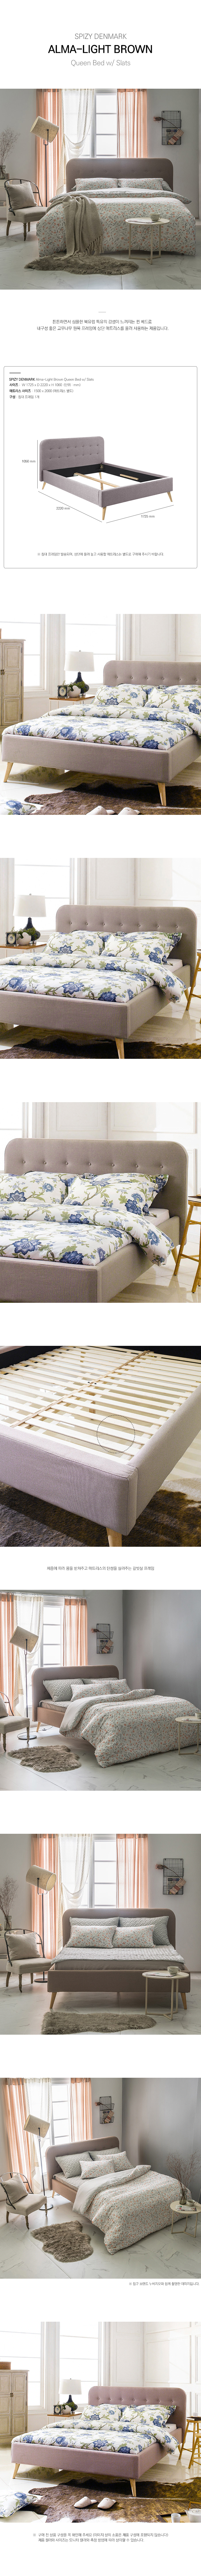 Alma-Light-Brown-Queen-Bed-180326.jpg